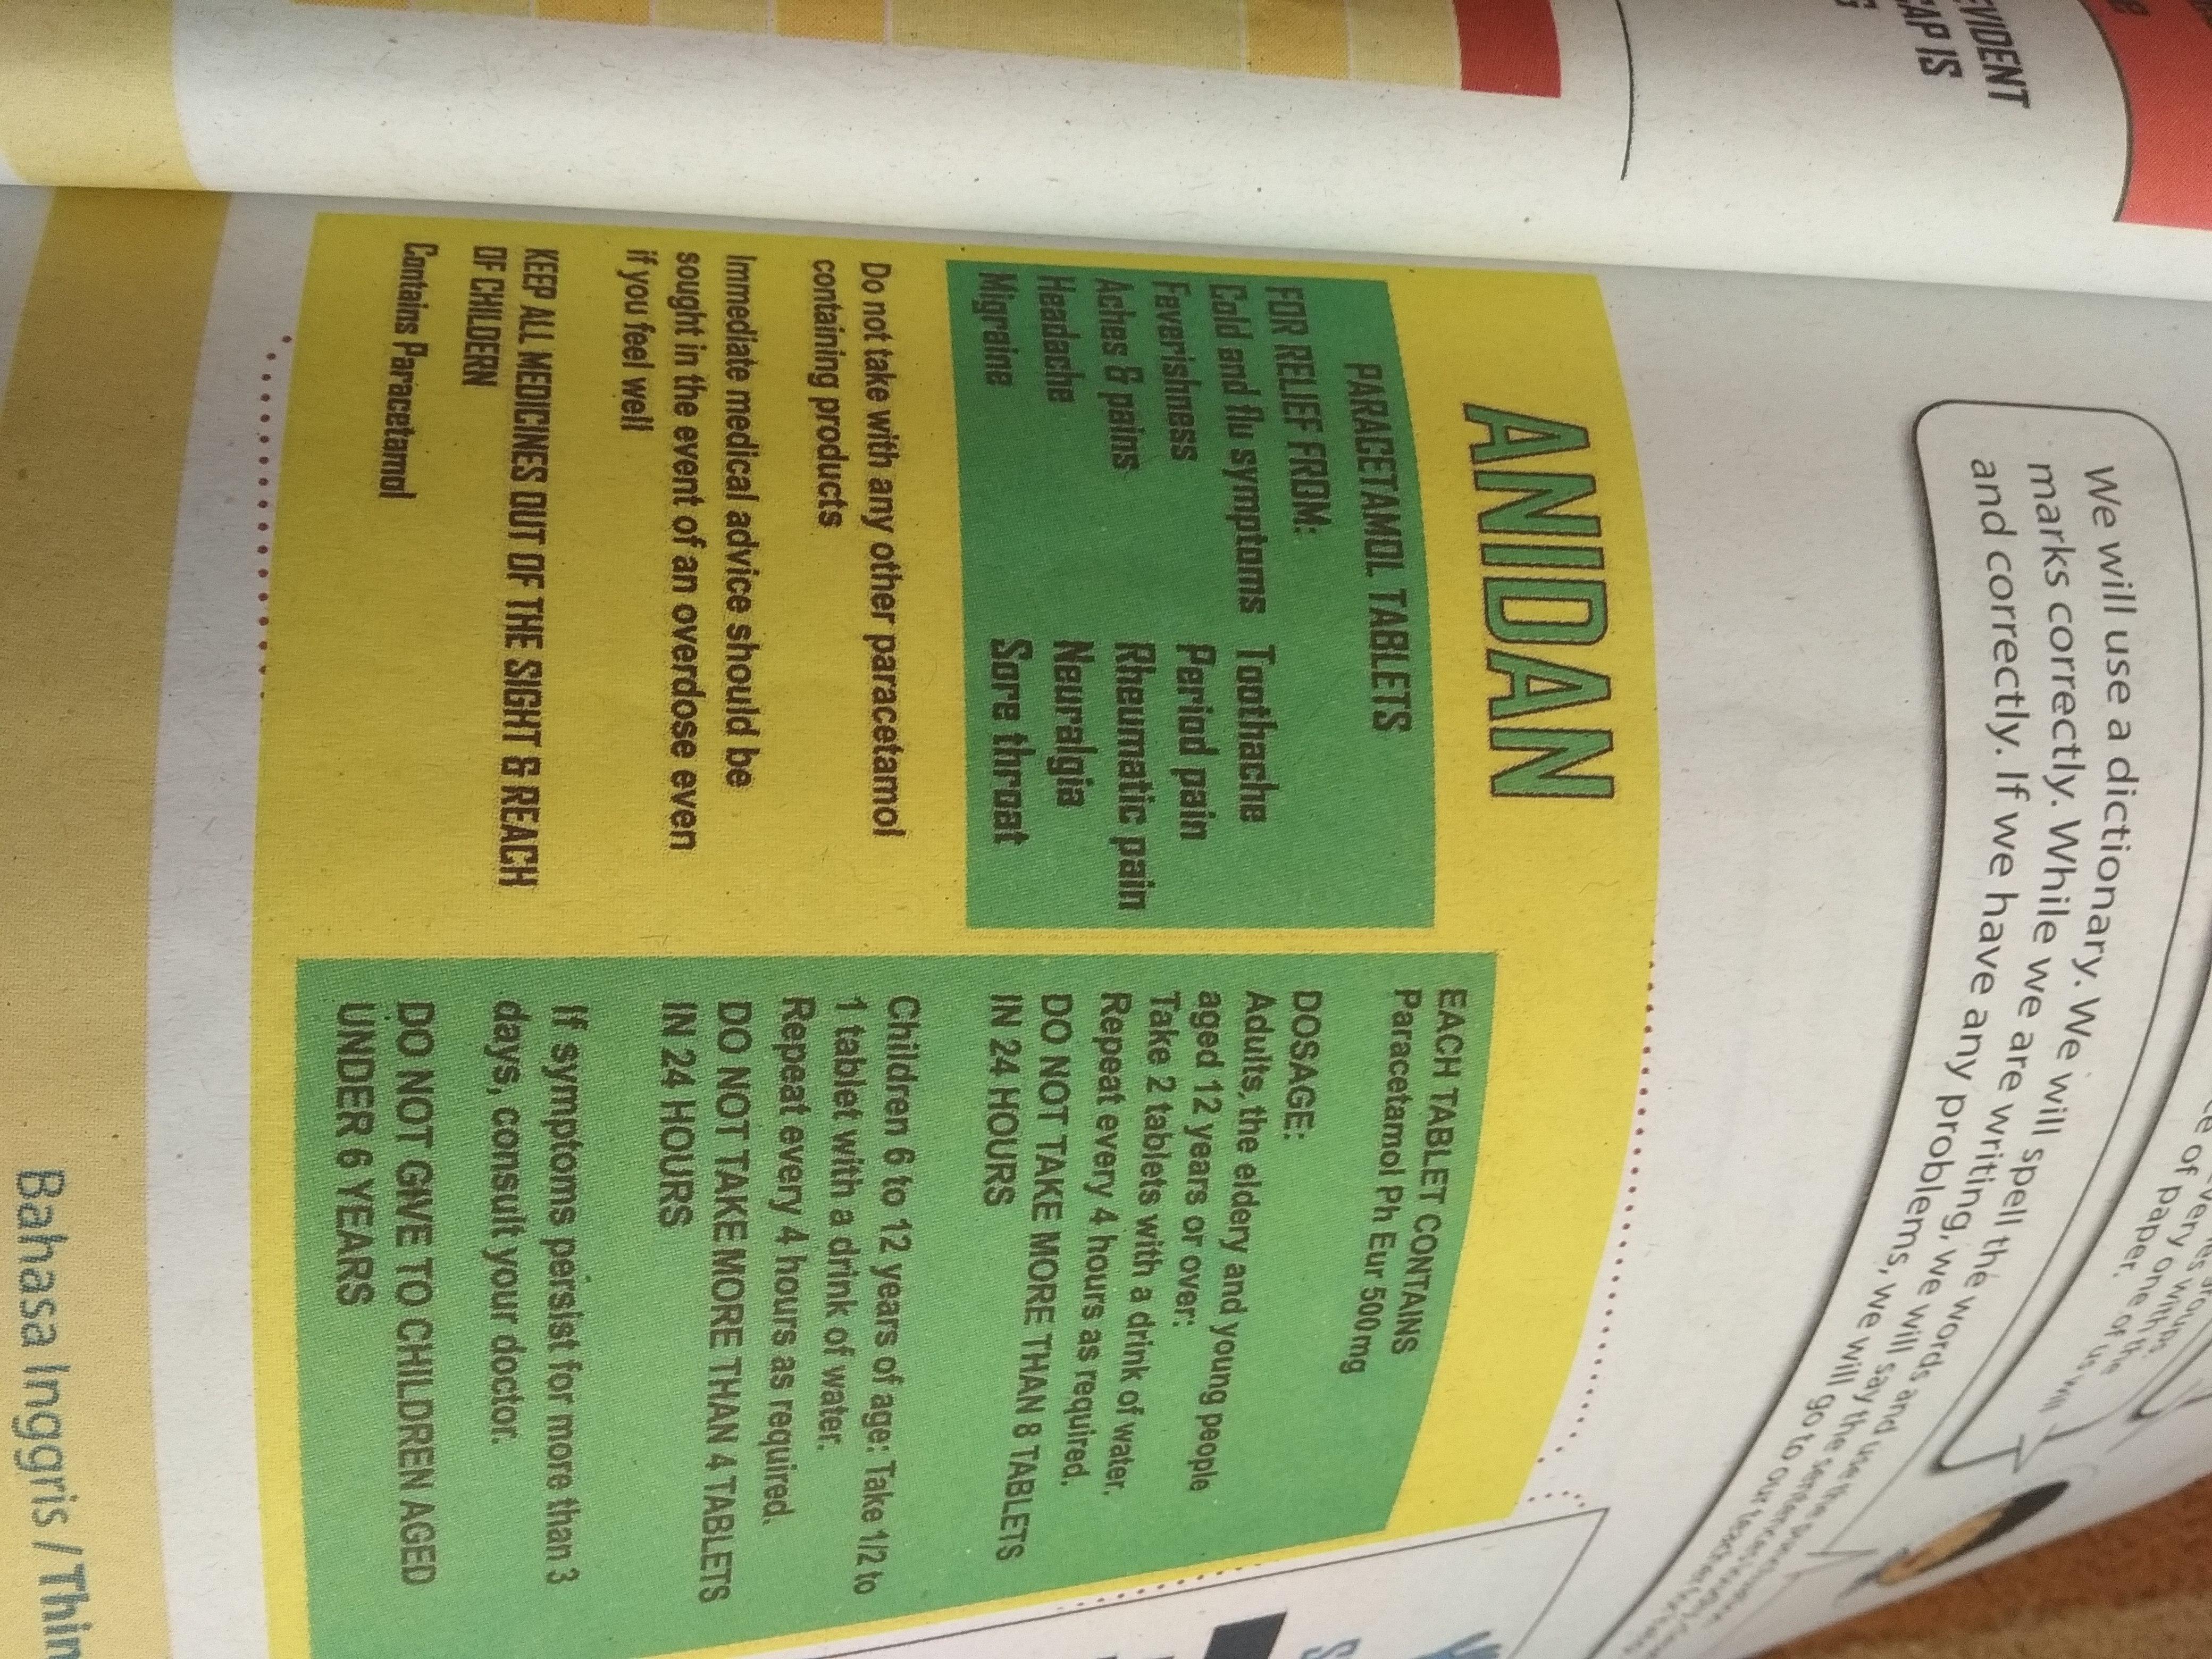 Jawaban Bahasa Inggris Kelas 8 Halaman 37 Rismax